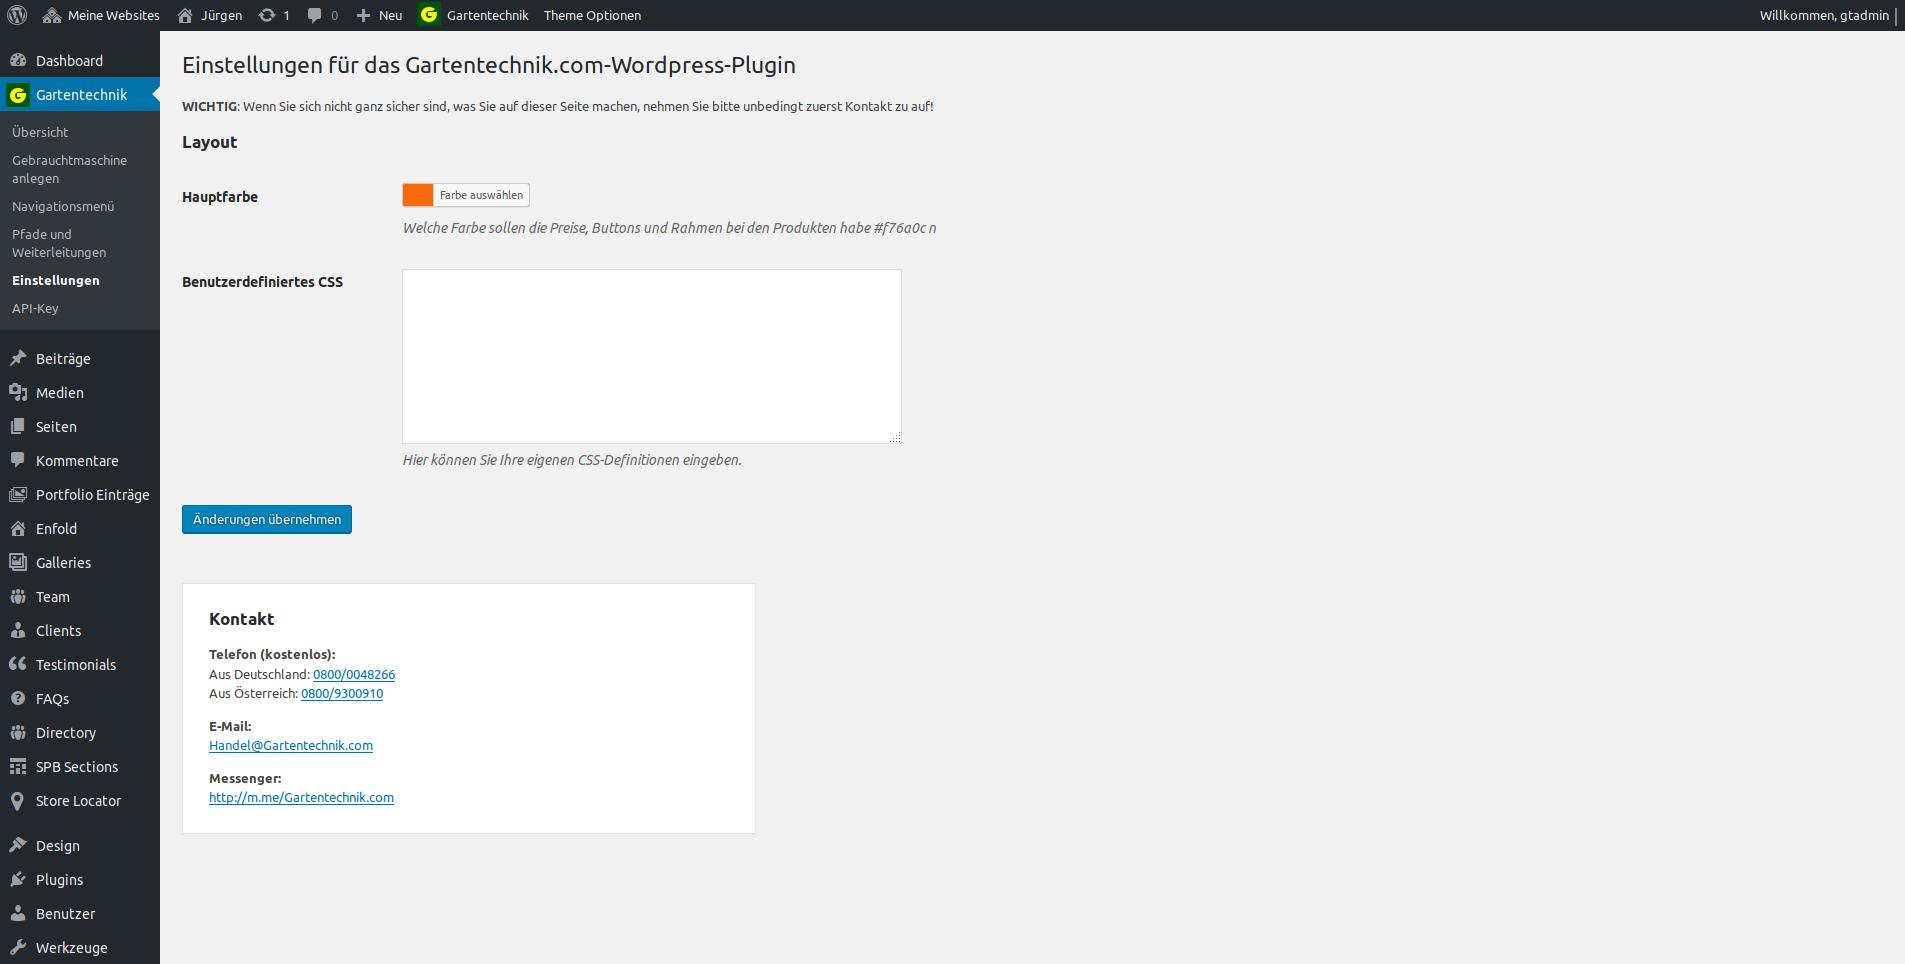 """Einstellungen für das Gartentechnik.com-WordPress-Plugin: In den Grundeinstellungen können aktuell die """"Primärfarbe"""" der Container (Produkdetailtseiten, Kategorieseiten) und benutzerdefiniertes CSS eingestellt werden."""